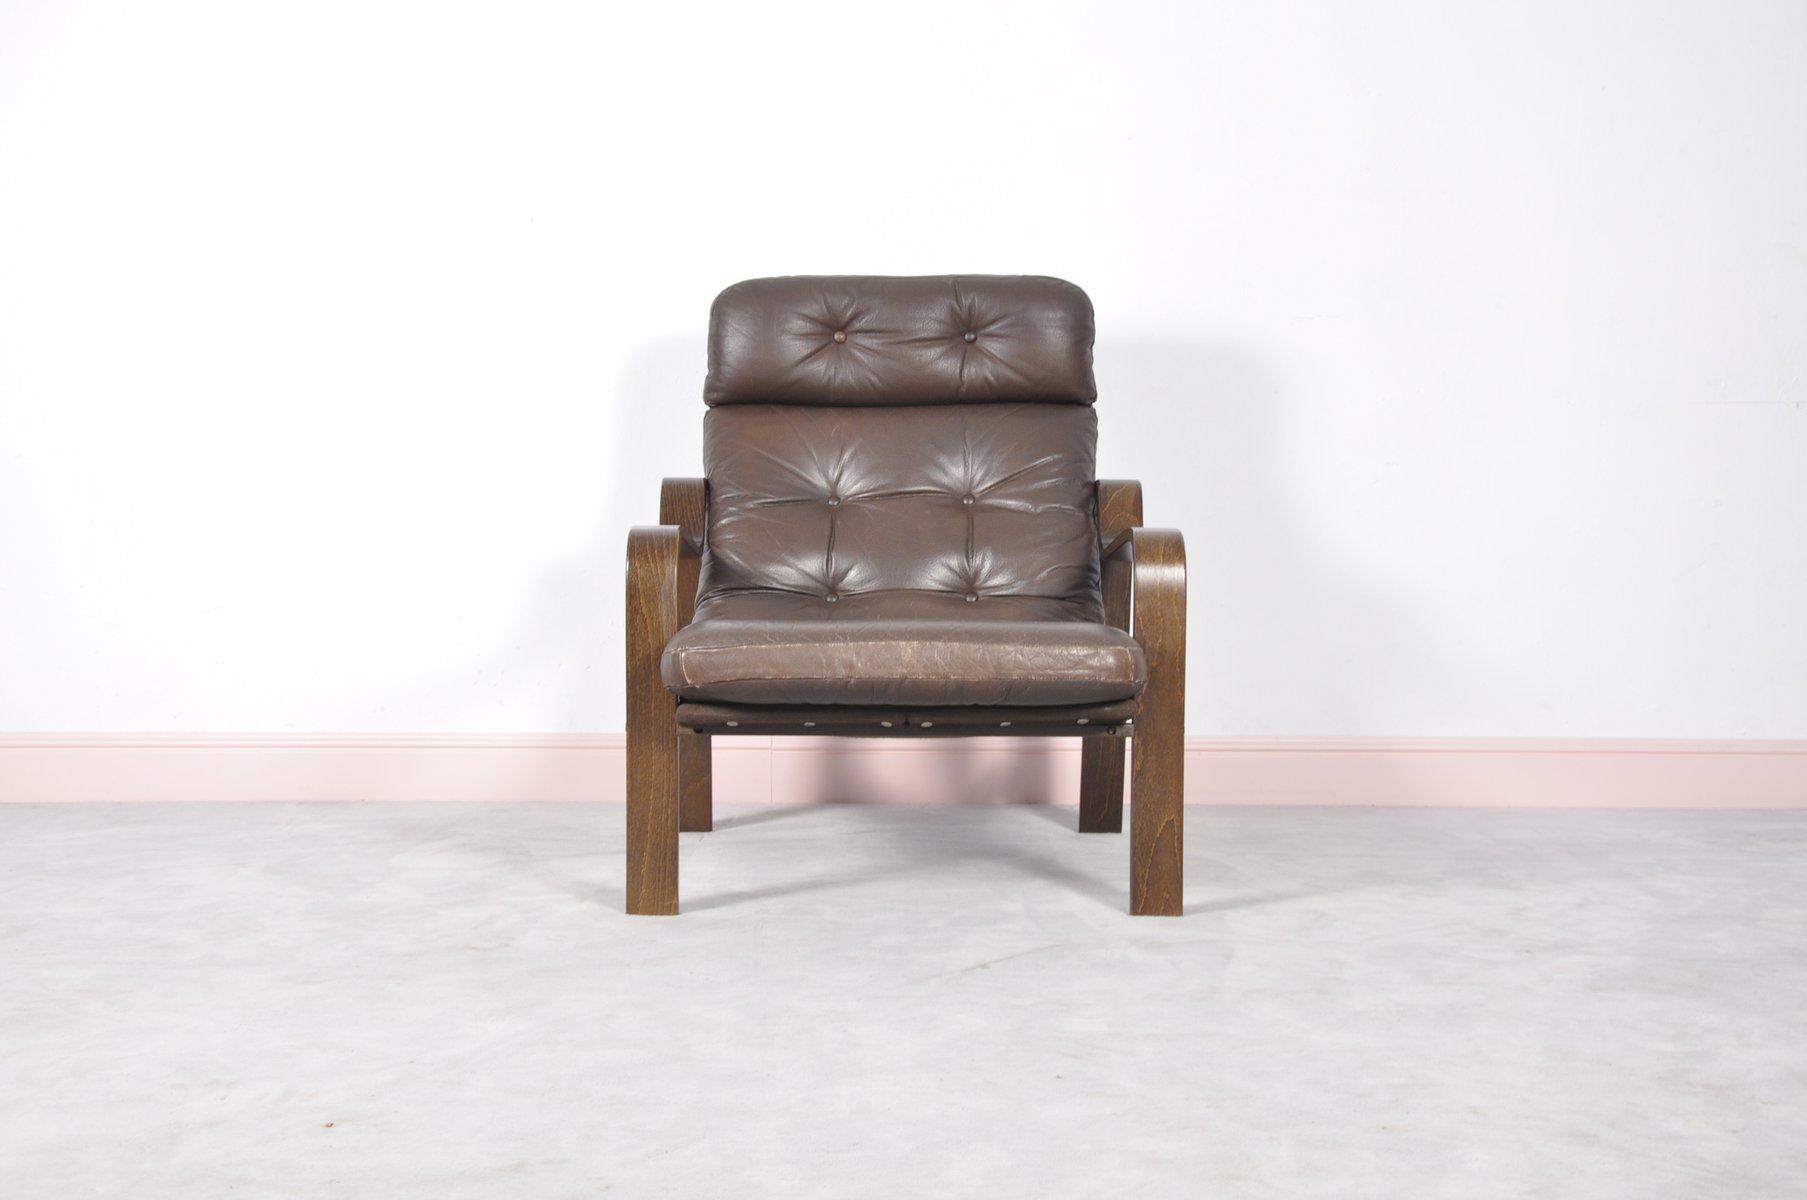 mid century sessel aus palisander leder bugholz bei. Black Bedroom Furniture Sets. Home Design Ideas